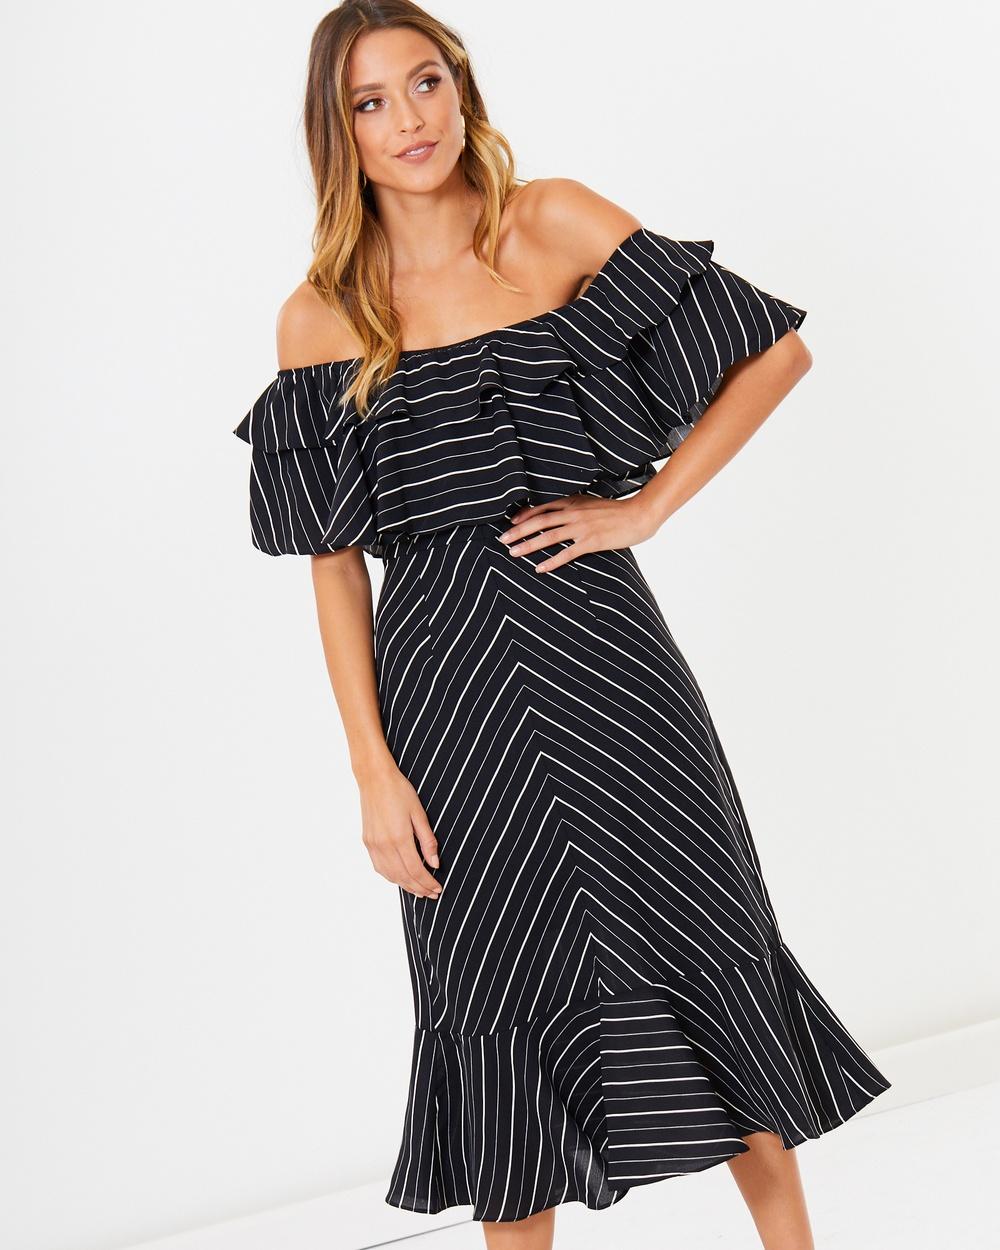 Calli Carlotta Off Shoulder Dress Dresses Black Stripe Carlotta Off-Shoulder Dress